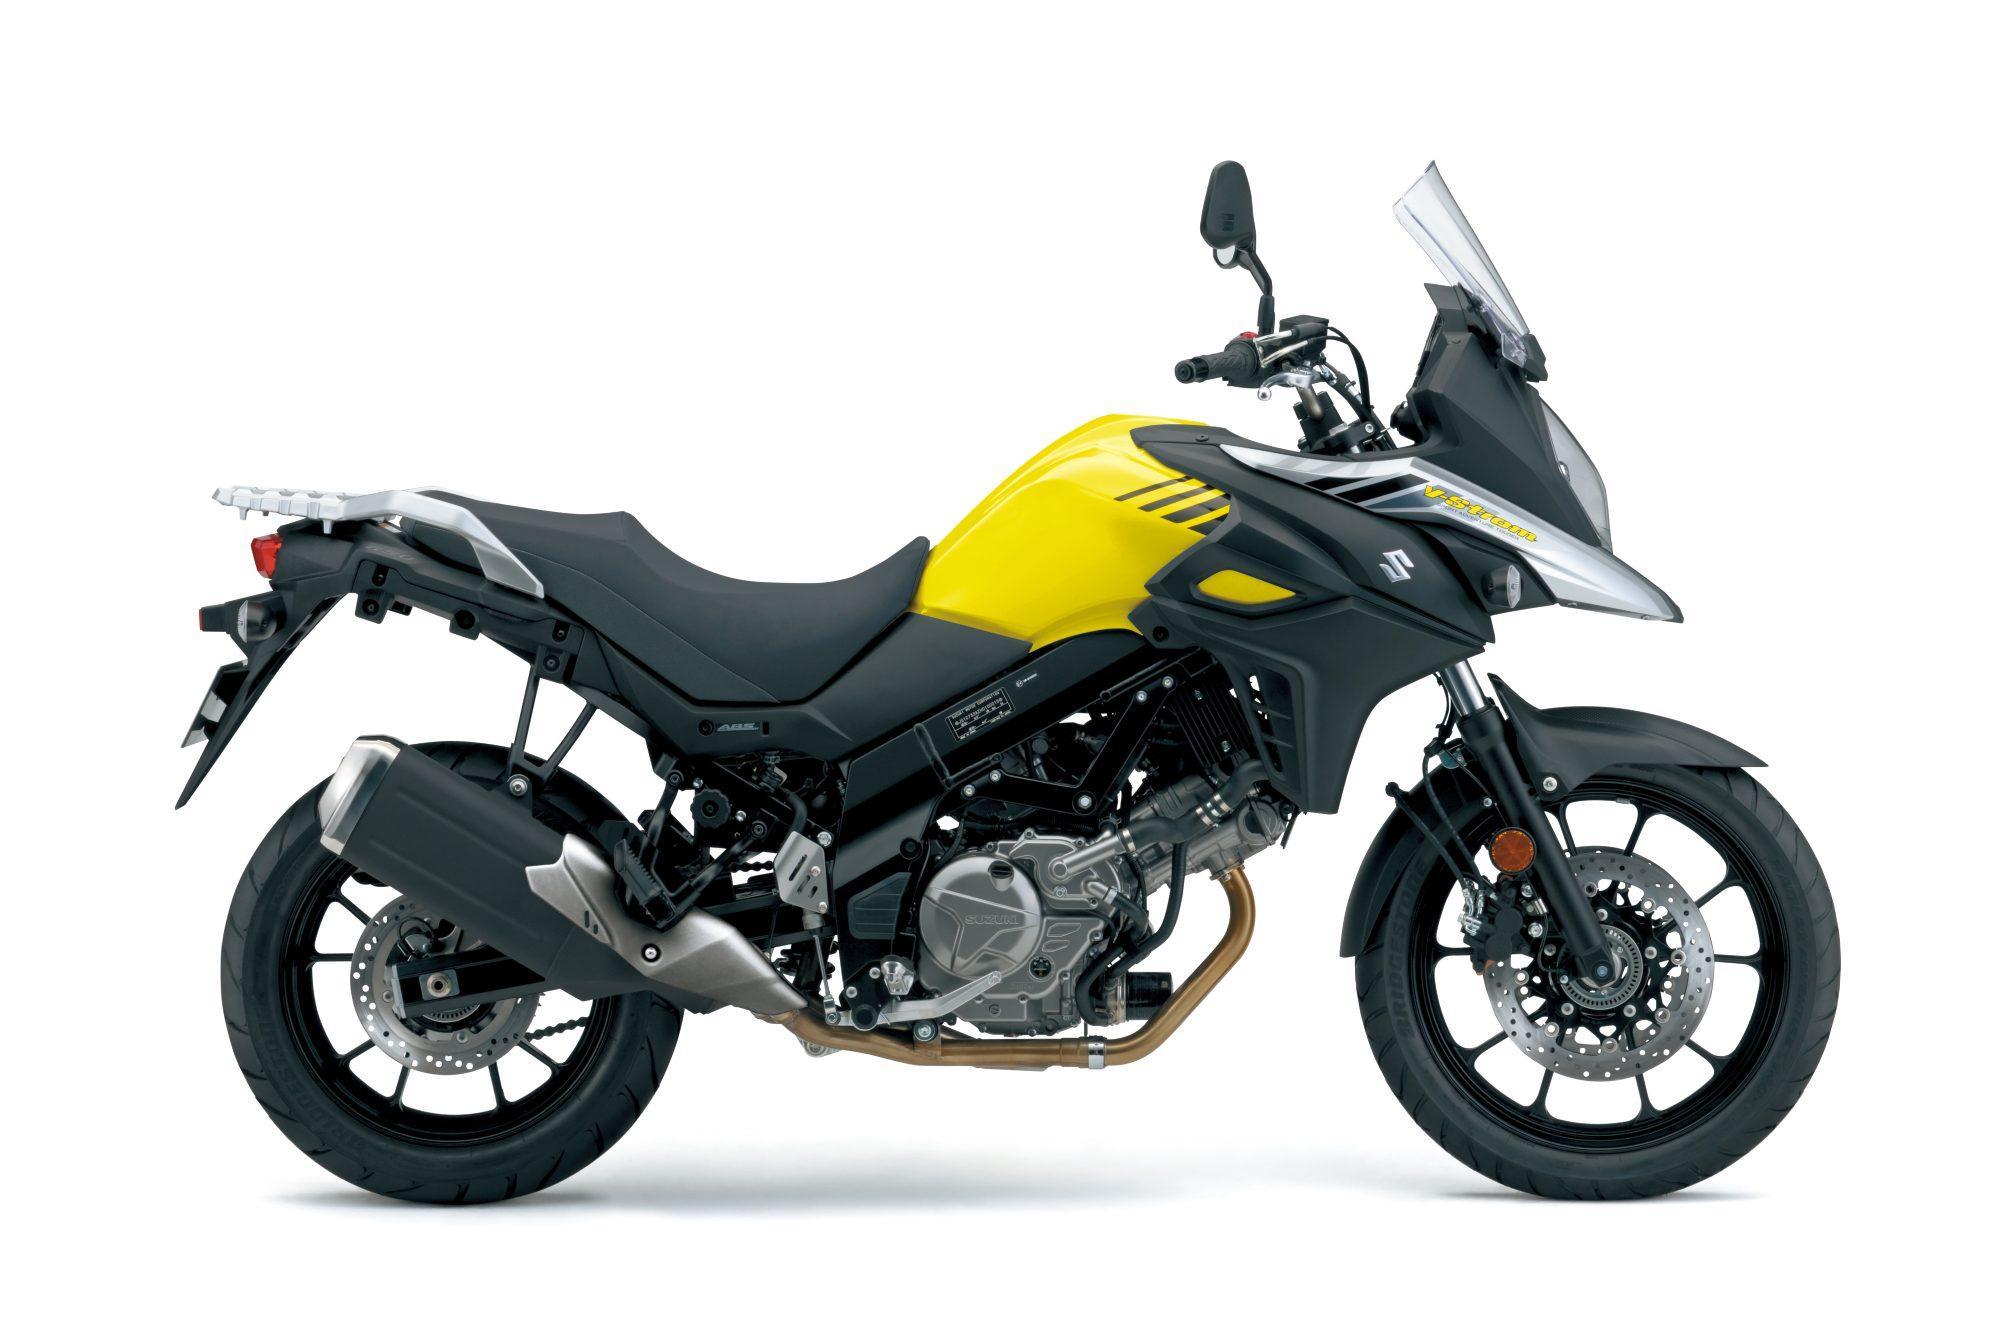 Suzuki V-Strom 650 ABS und V-Strom 650 XT